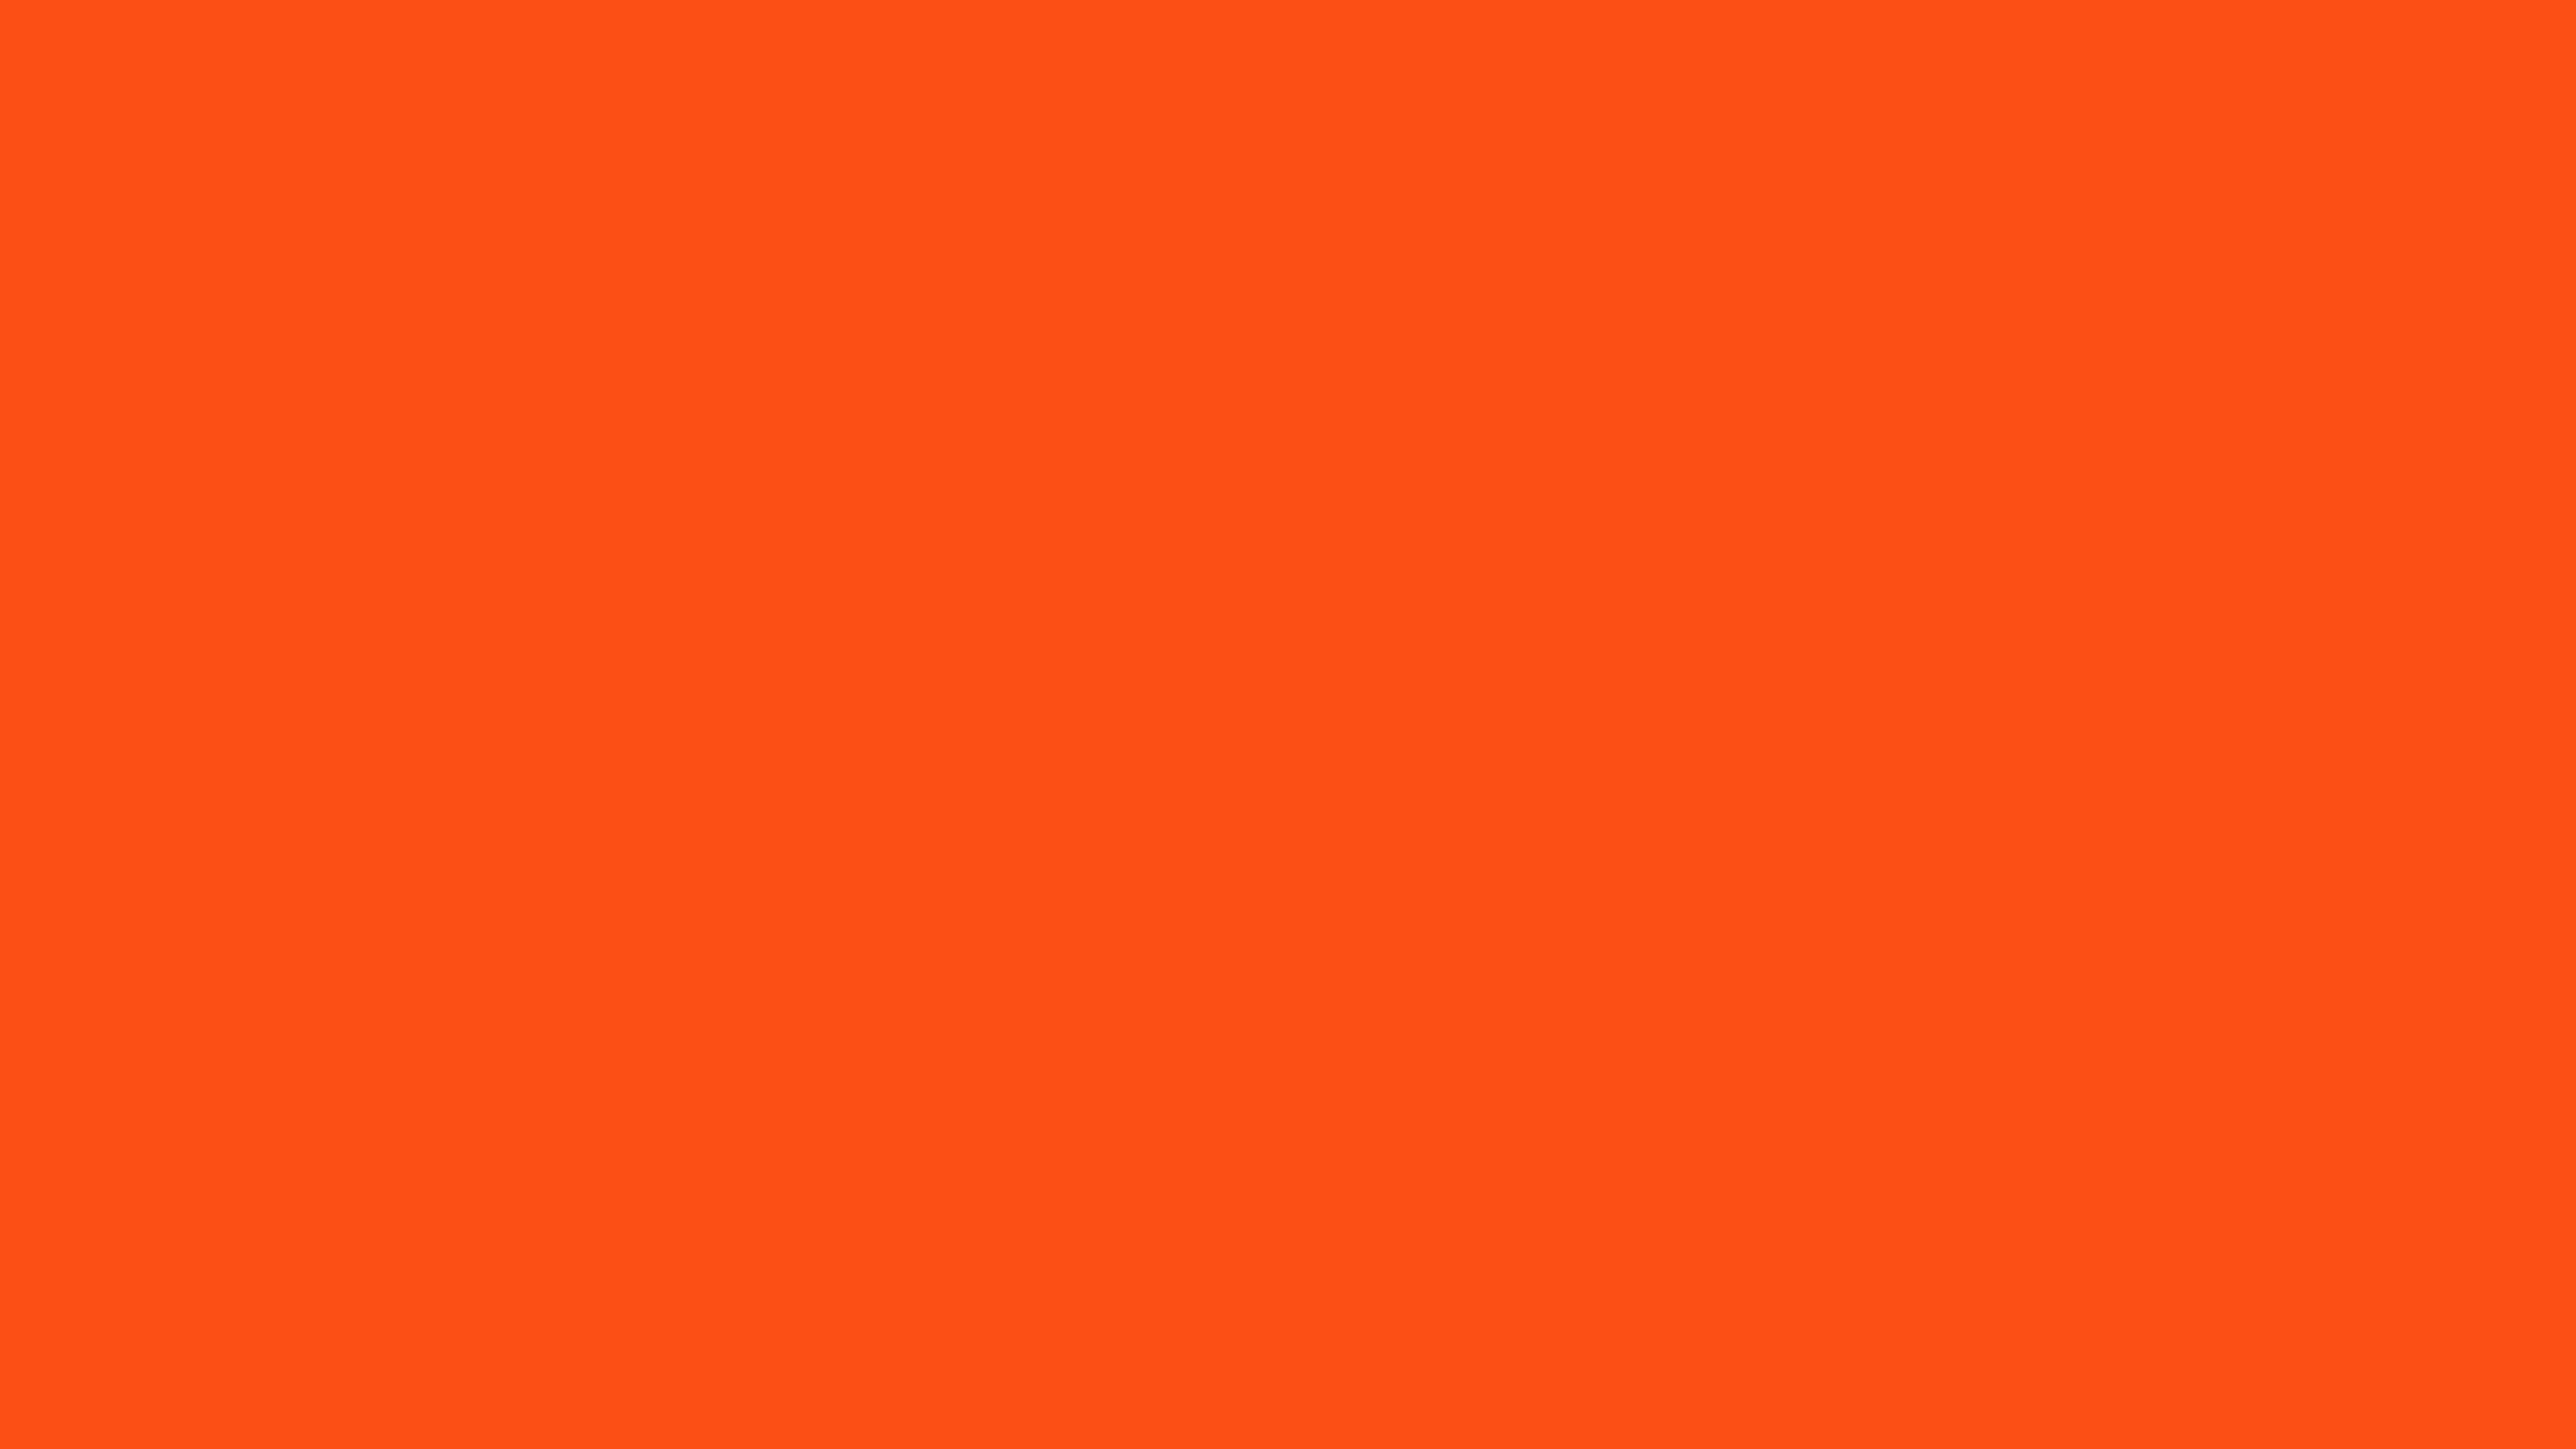 orange color background images